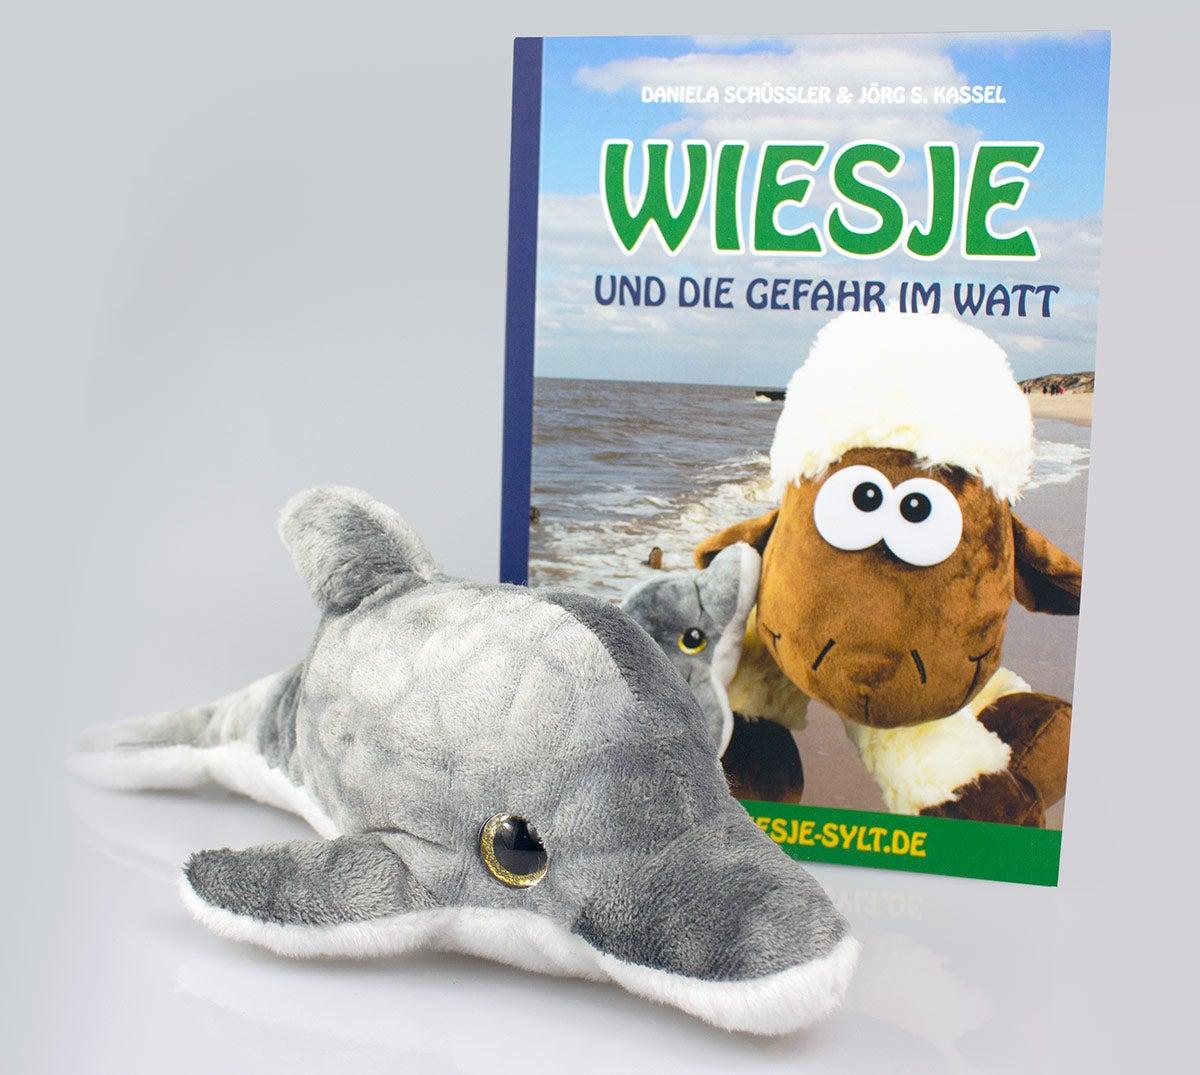 Wiesje und die Gefahr im Watt + Plüschtier Schweinswal Vicky